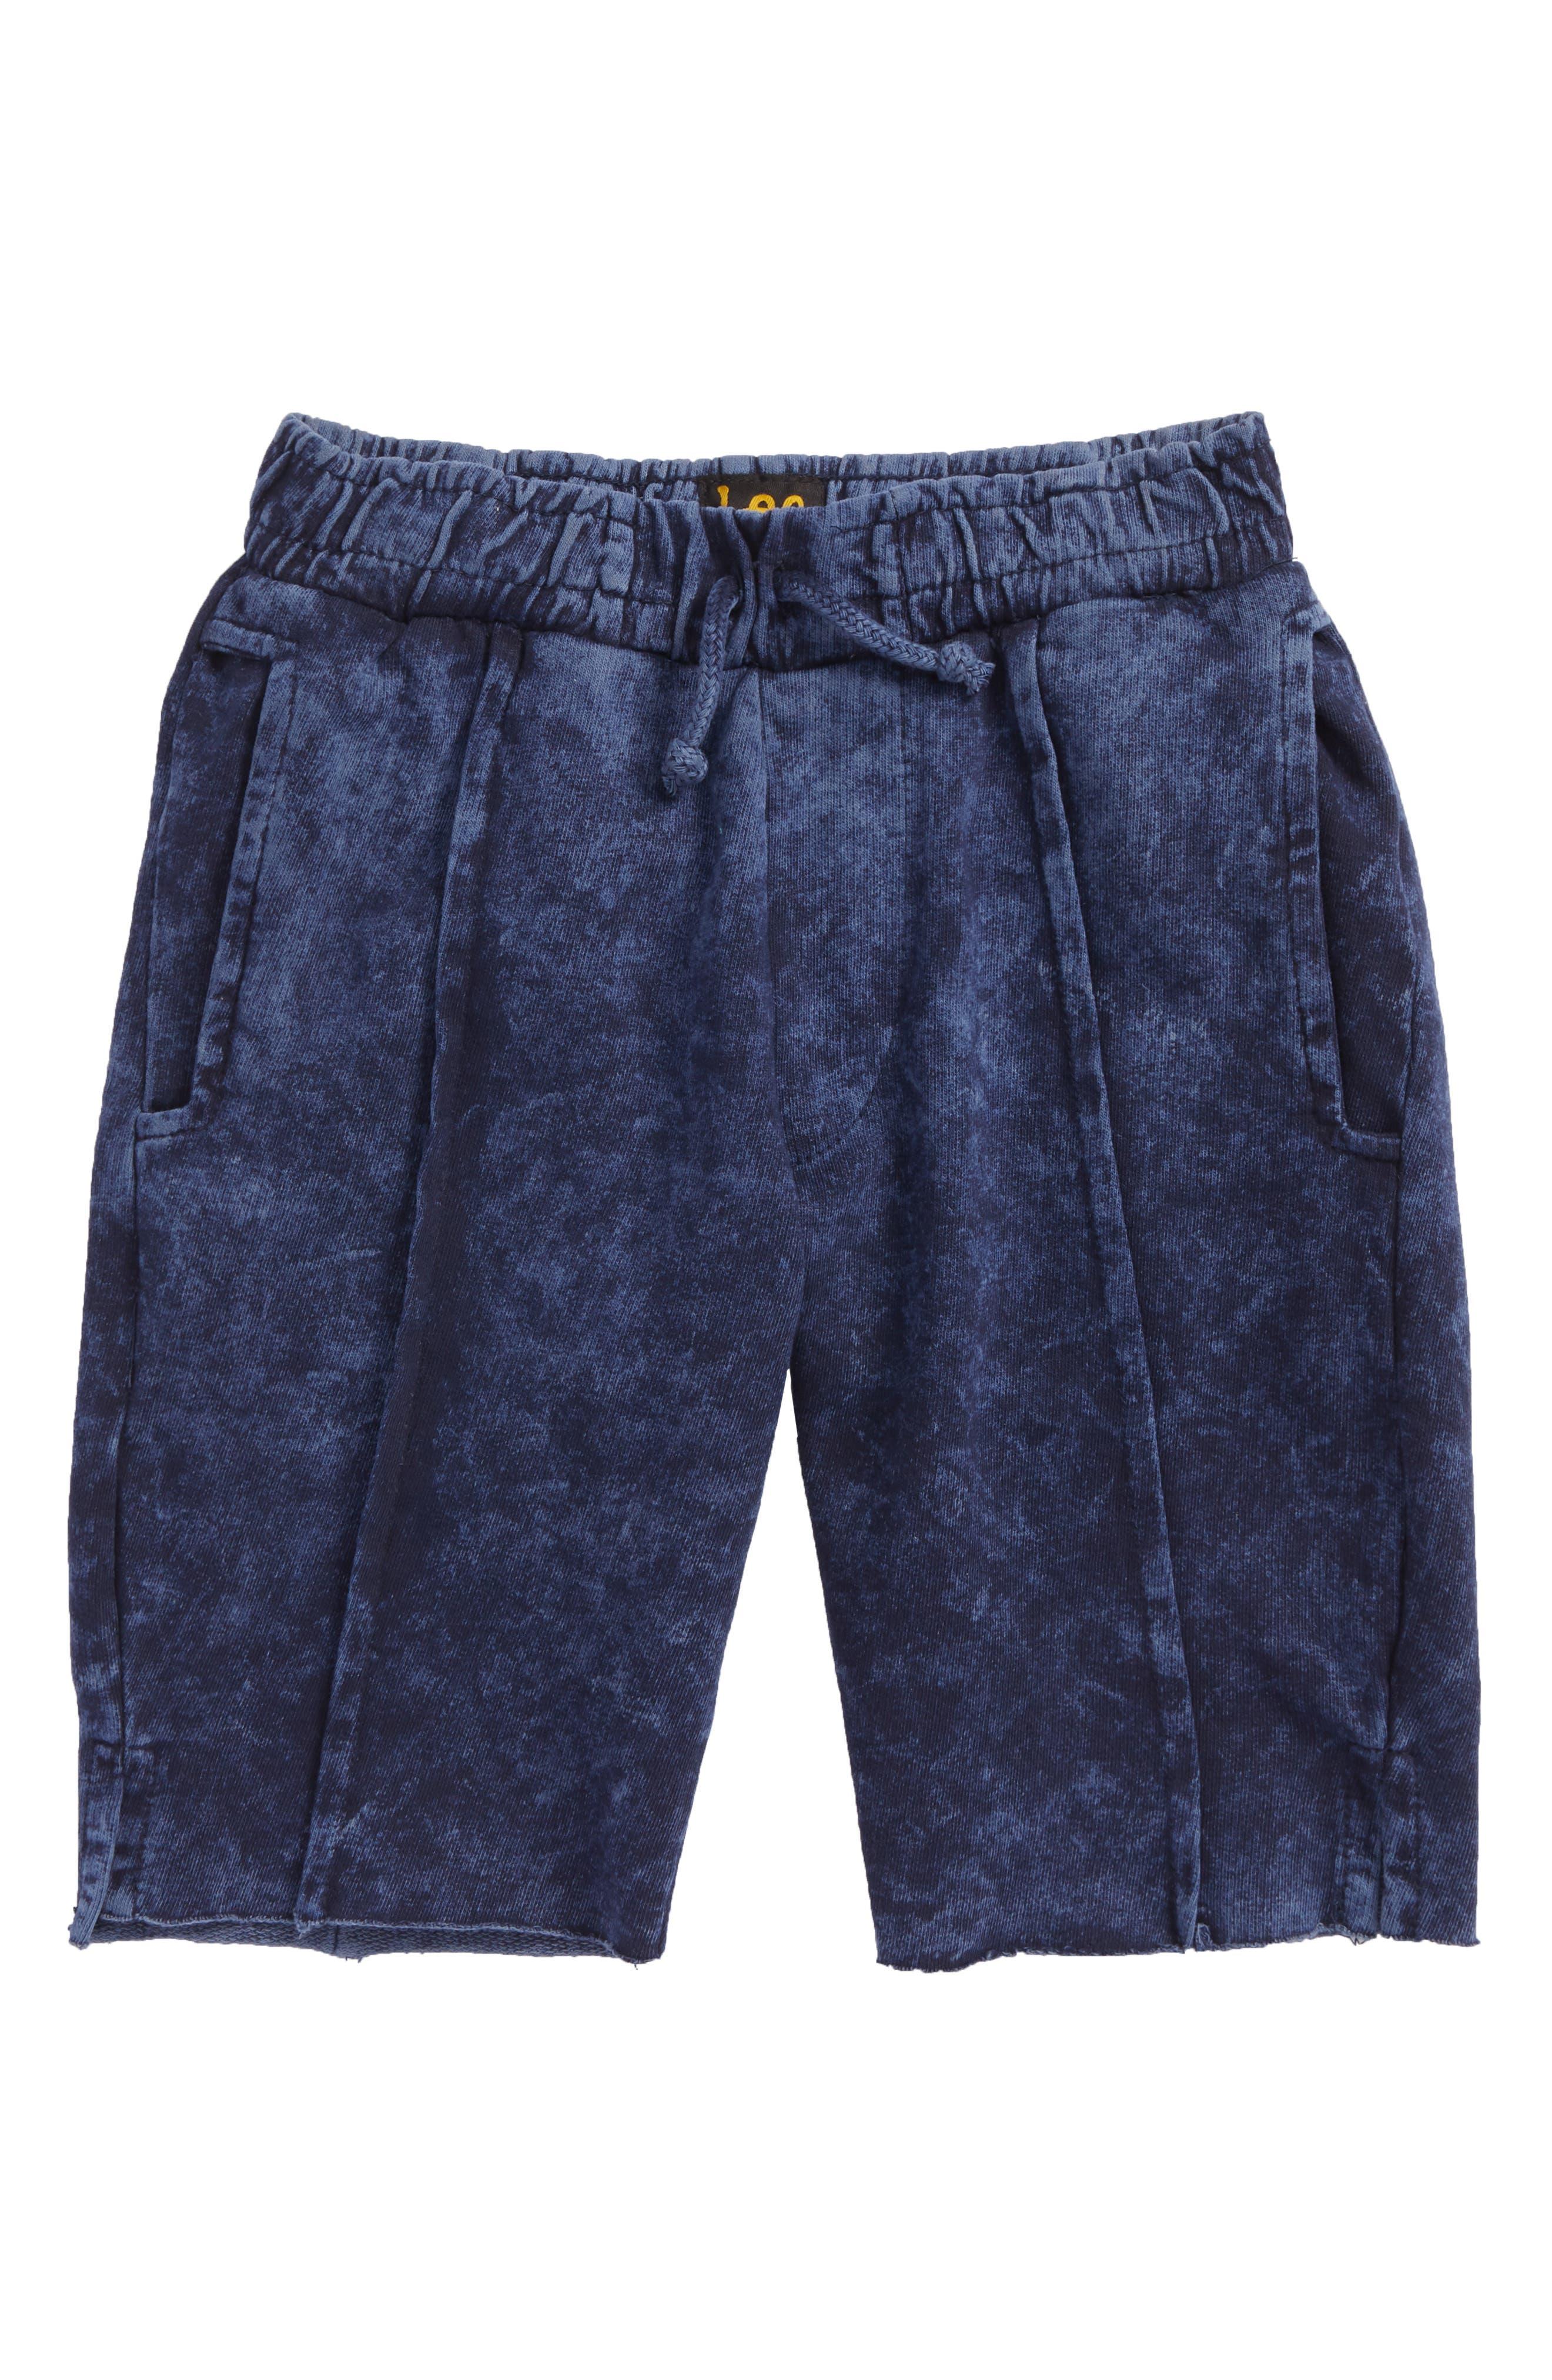 Acid Wash Pull-On Shorts,                             Main thumbnail 1, color,                             412